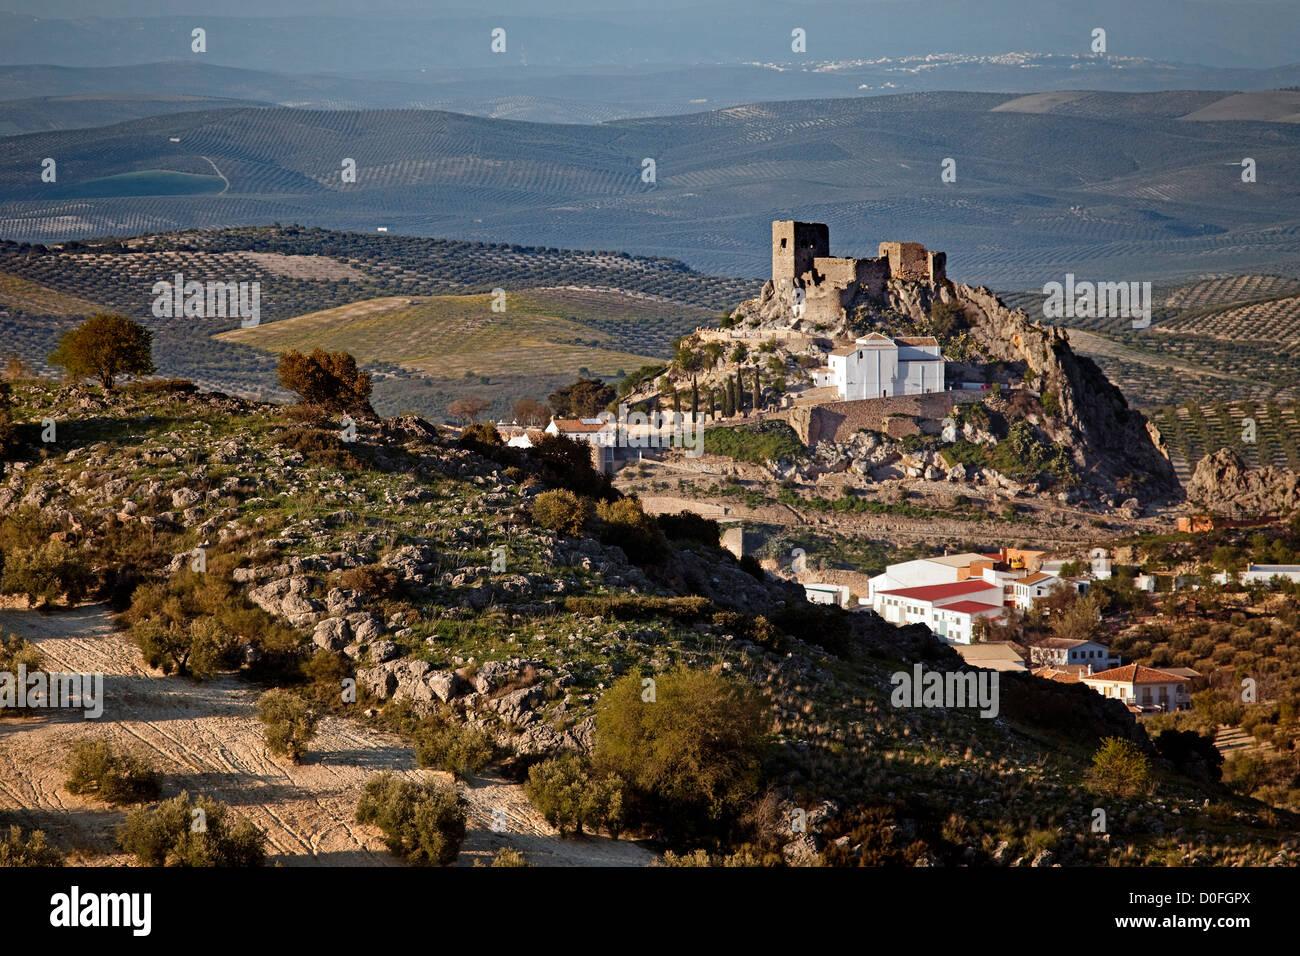 Villas Castillo Fuerteventura Spain